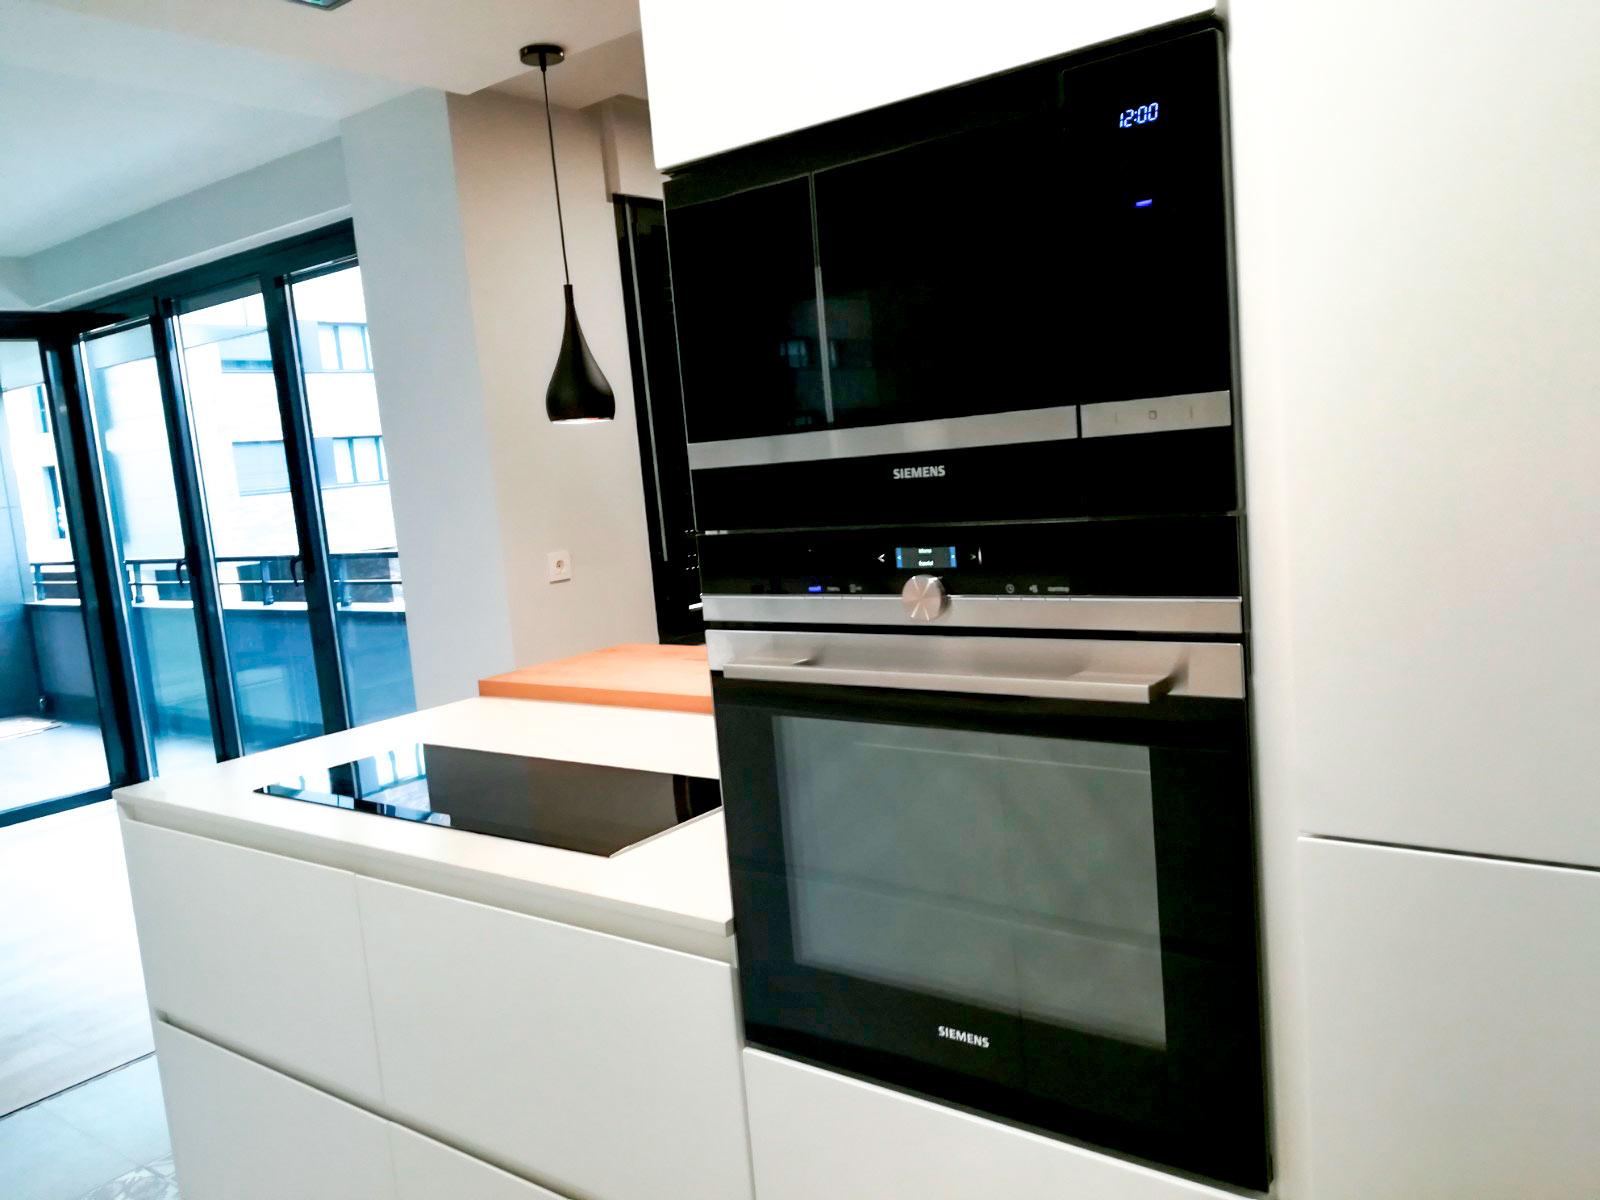 Cocina blanco y negro moderna